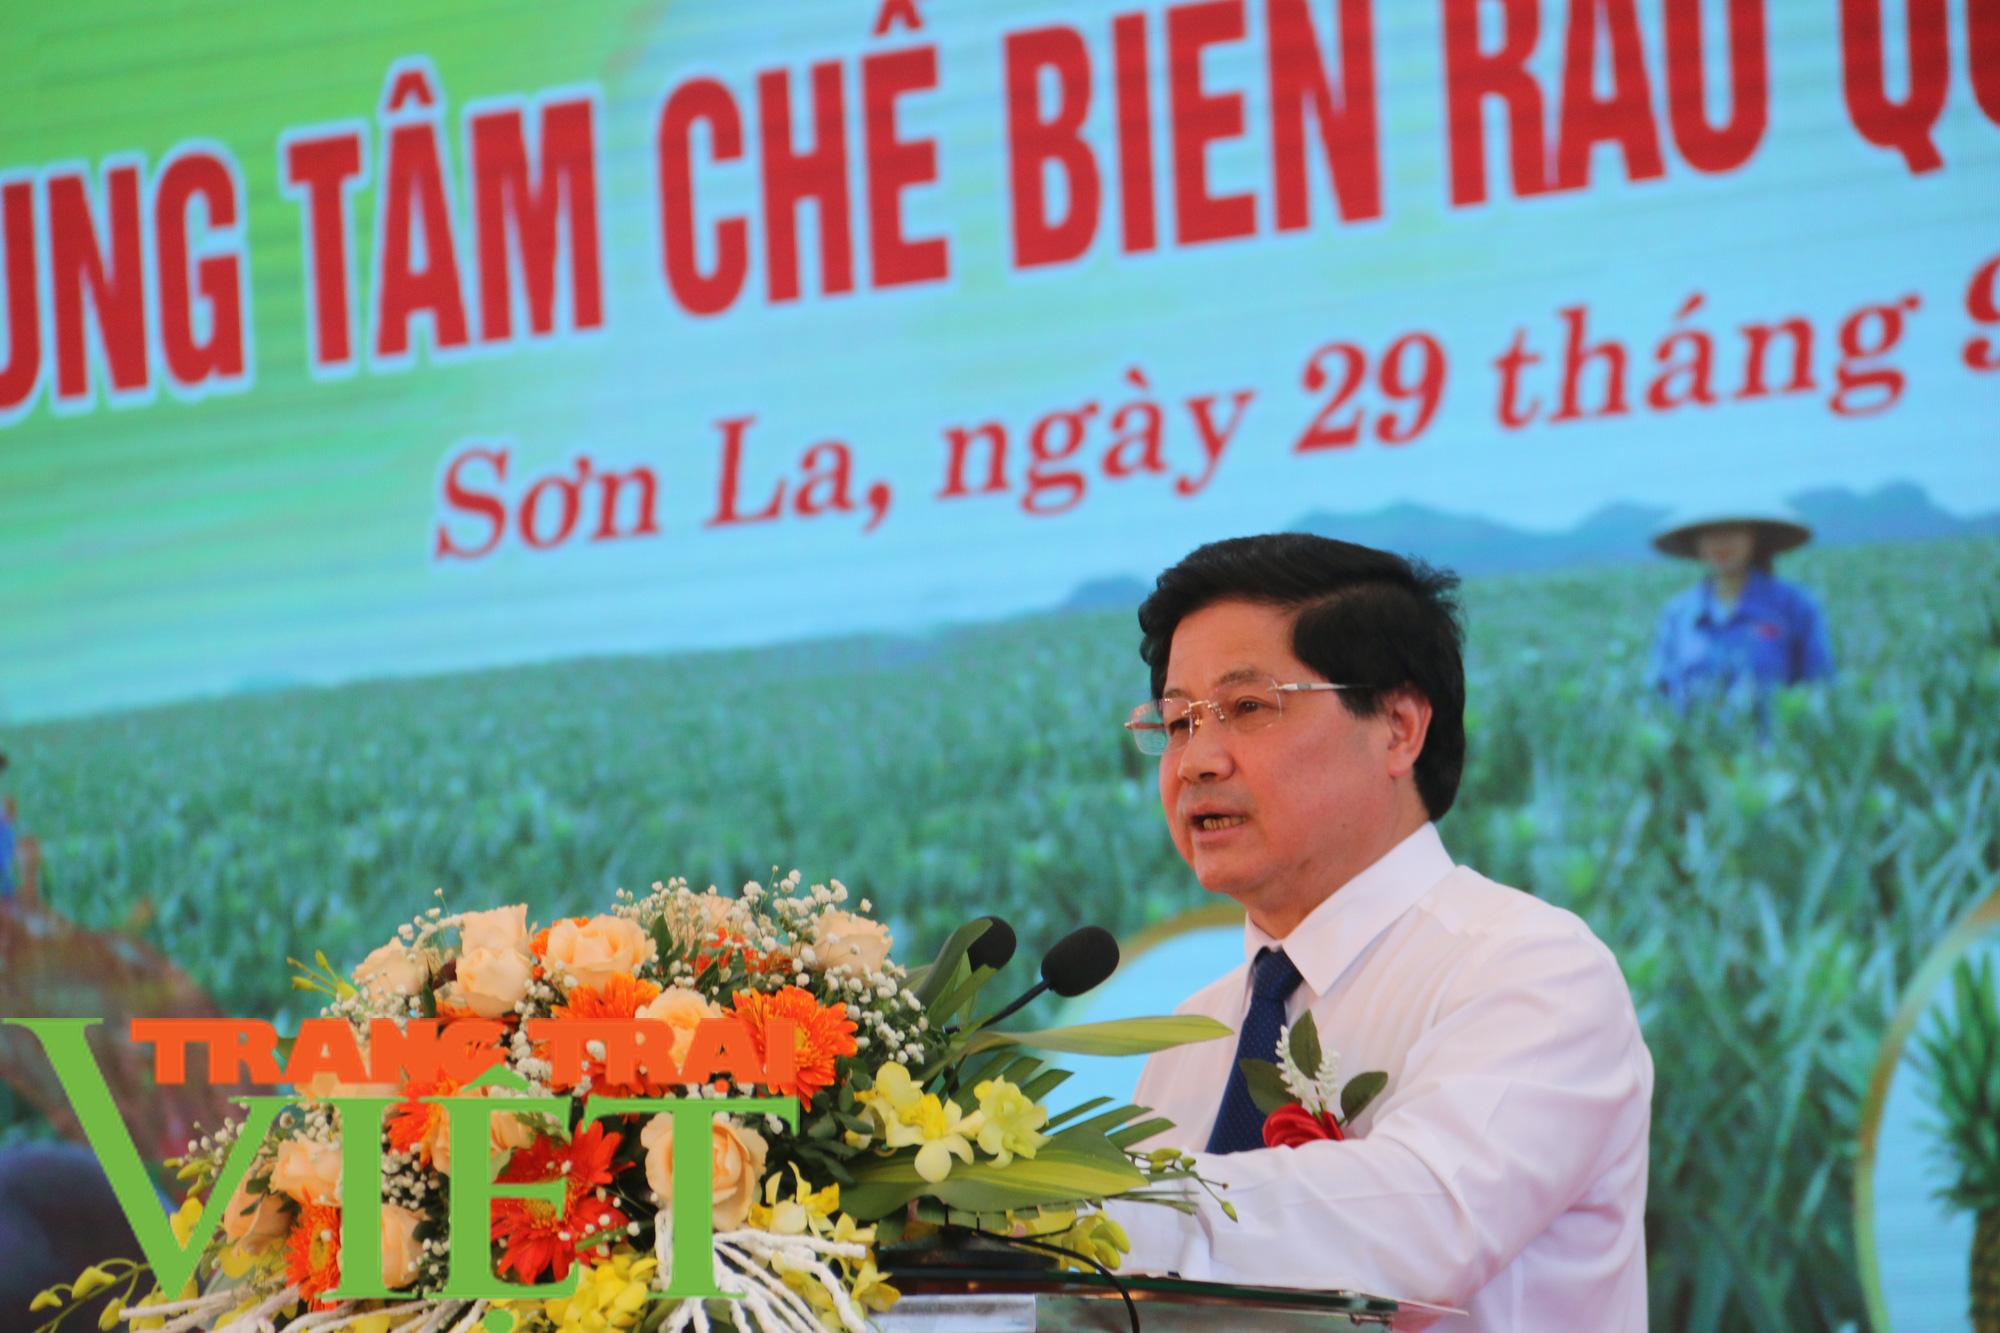 Thứ Trưởng NNPTN: Sơn La là một điển hình về trồng cây ăn quả - Ảnh 1.